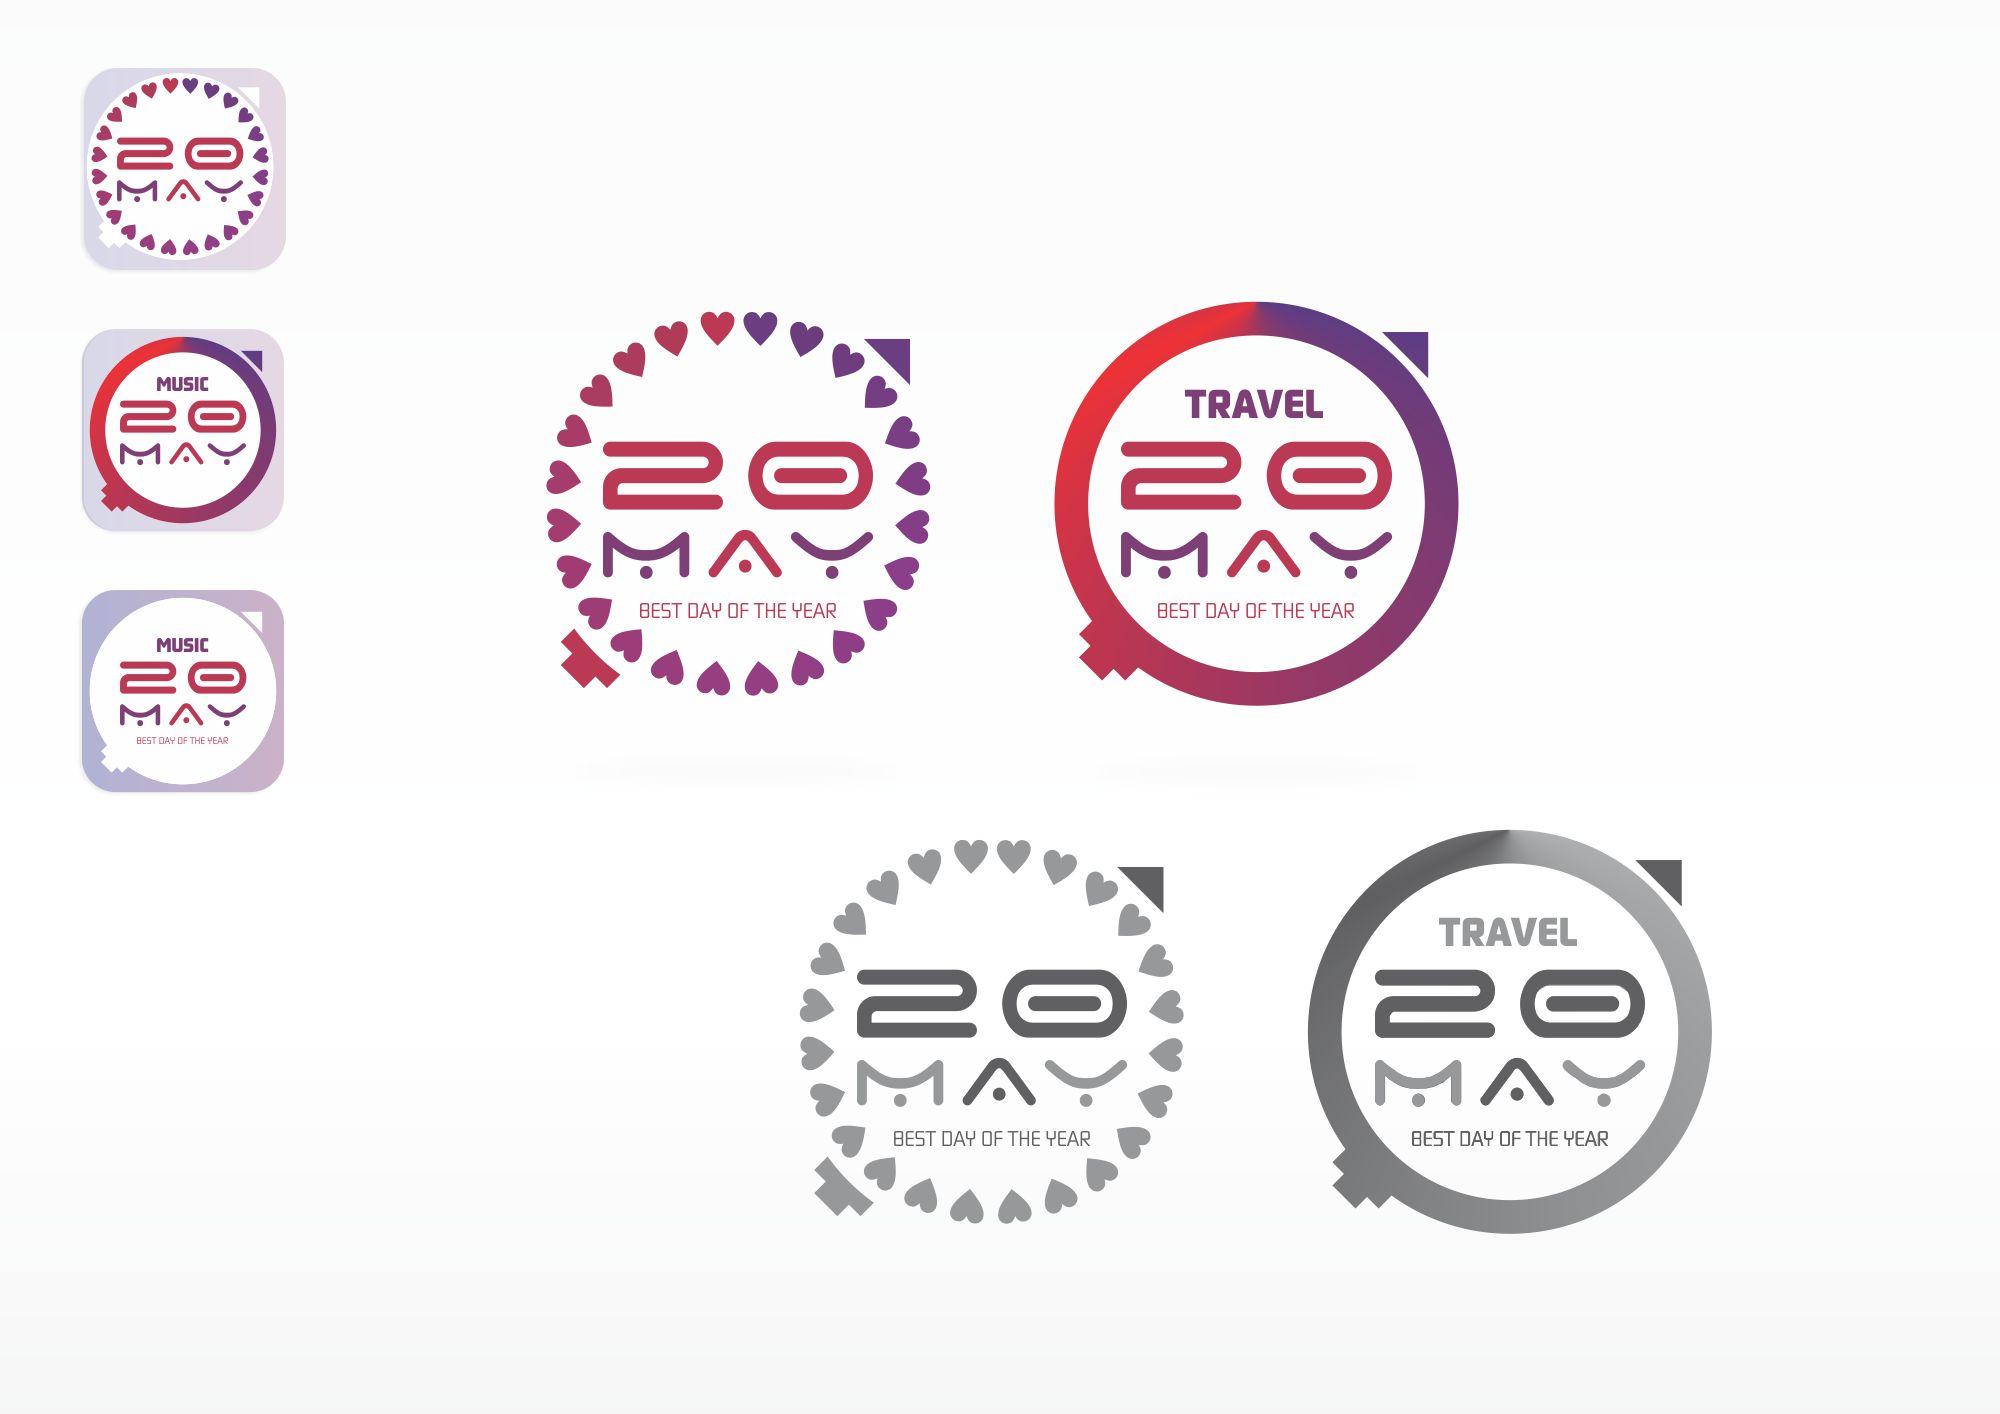 20MAY Project - дизайнер nata_sereb